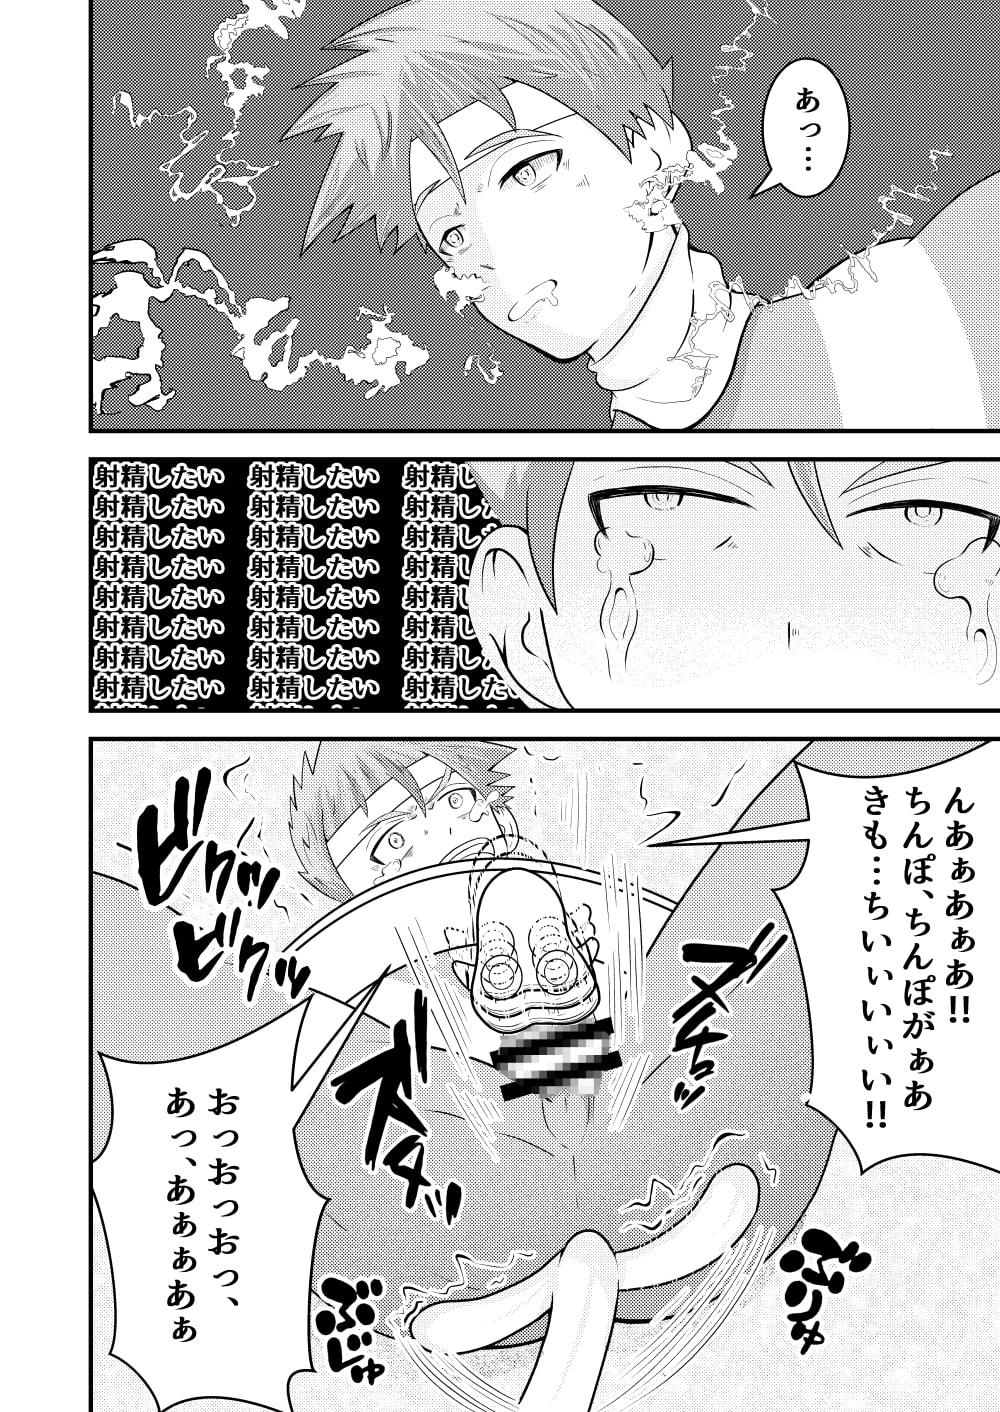 ヒーロー、催眠×洗脳2 拘束快楽拷問